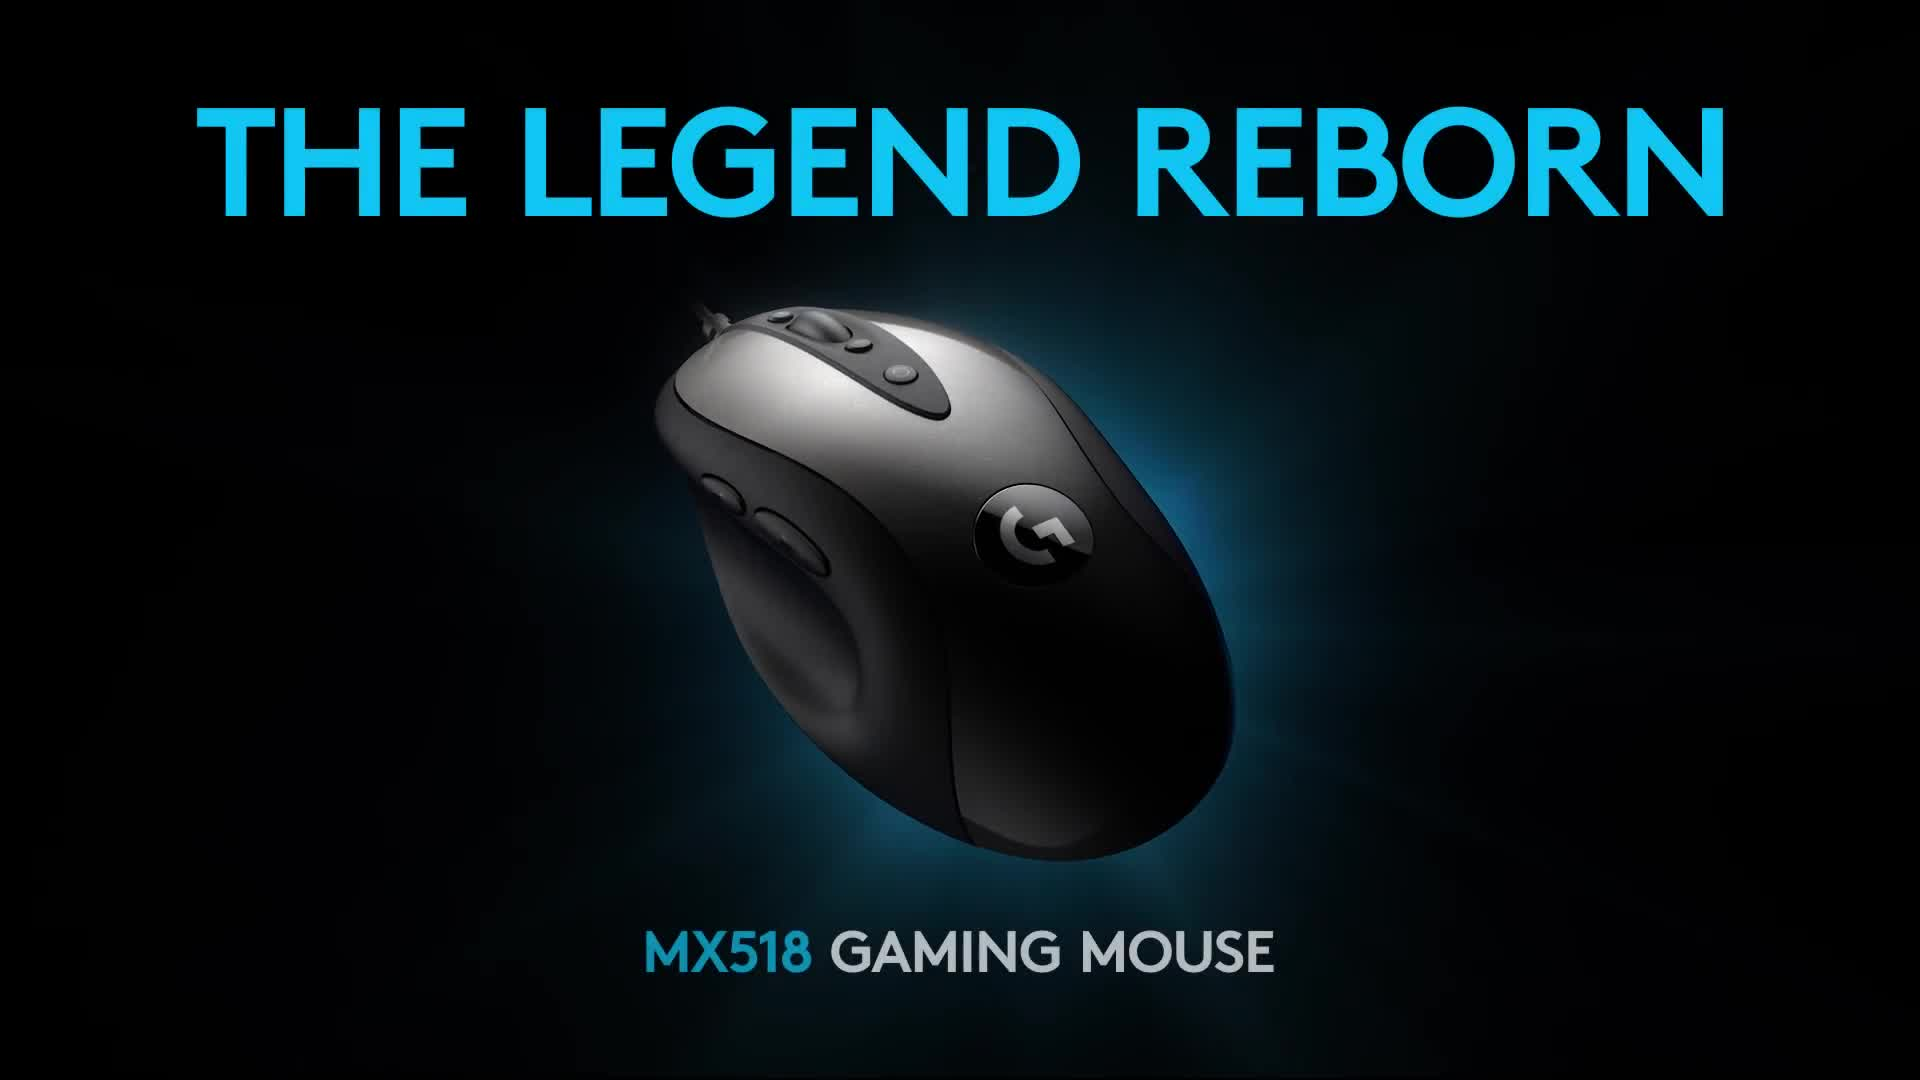 Maus, Logitech, Gaming-Maus, MX518, Logitech MX518